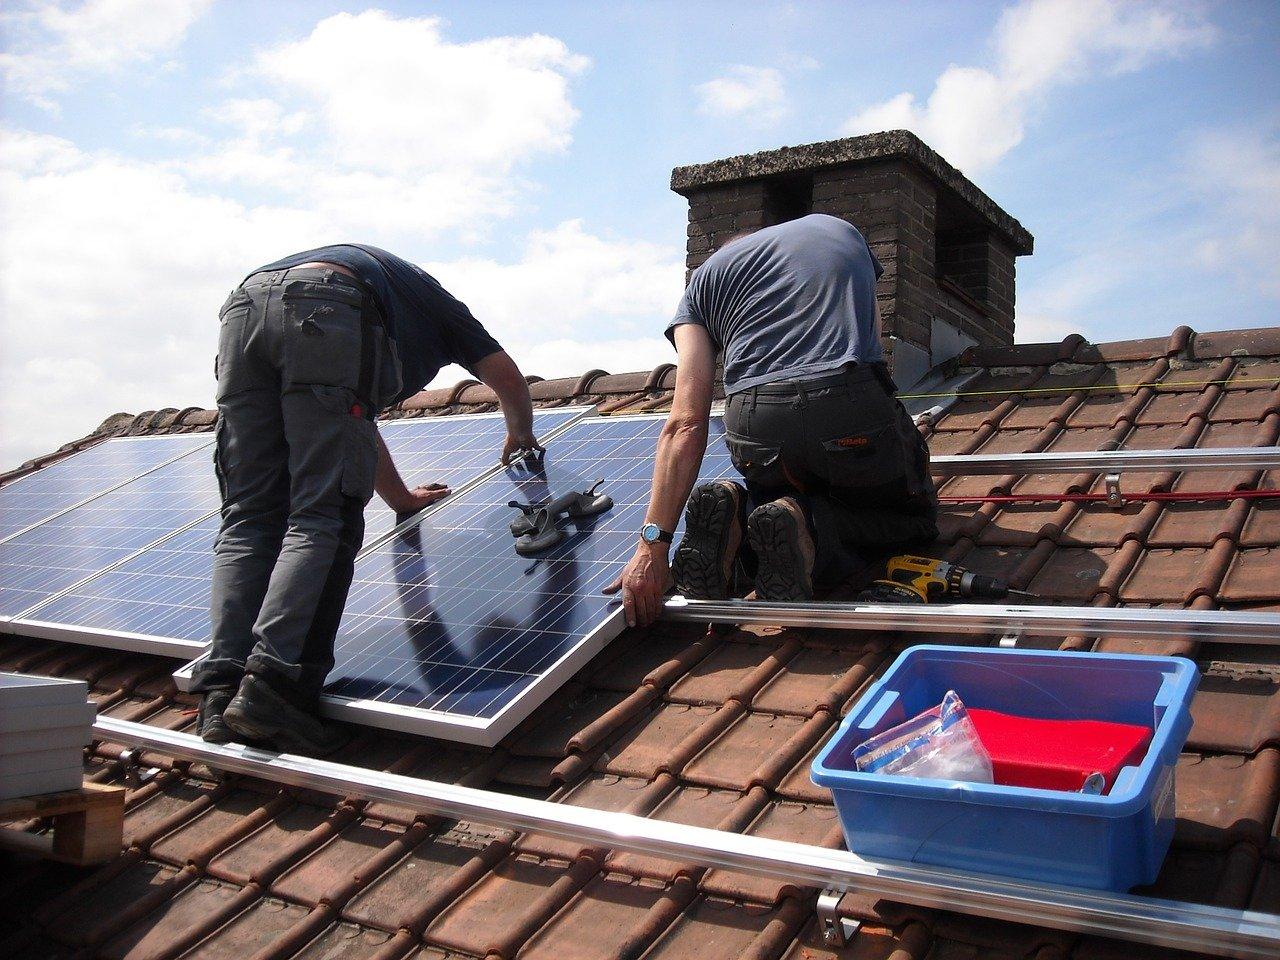 Comment installer un panneau solaire maison ?